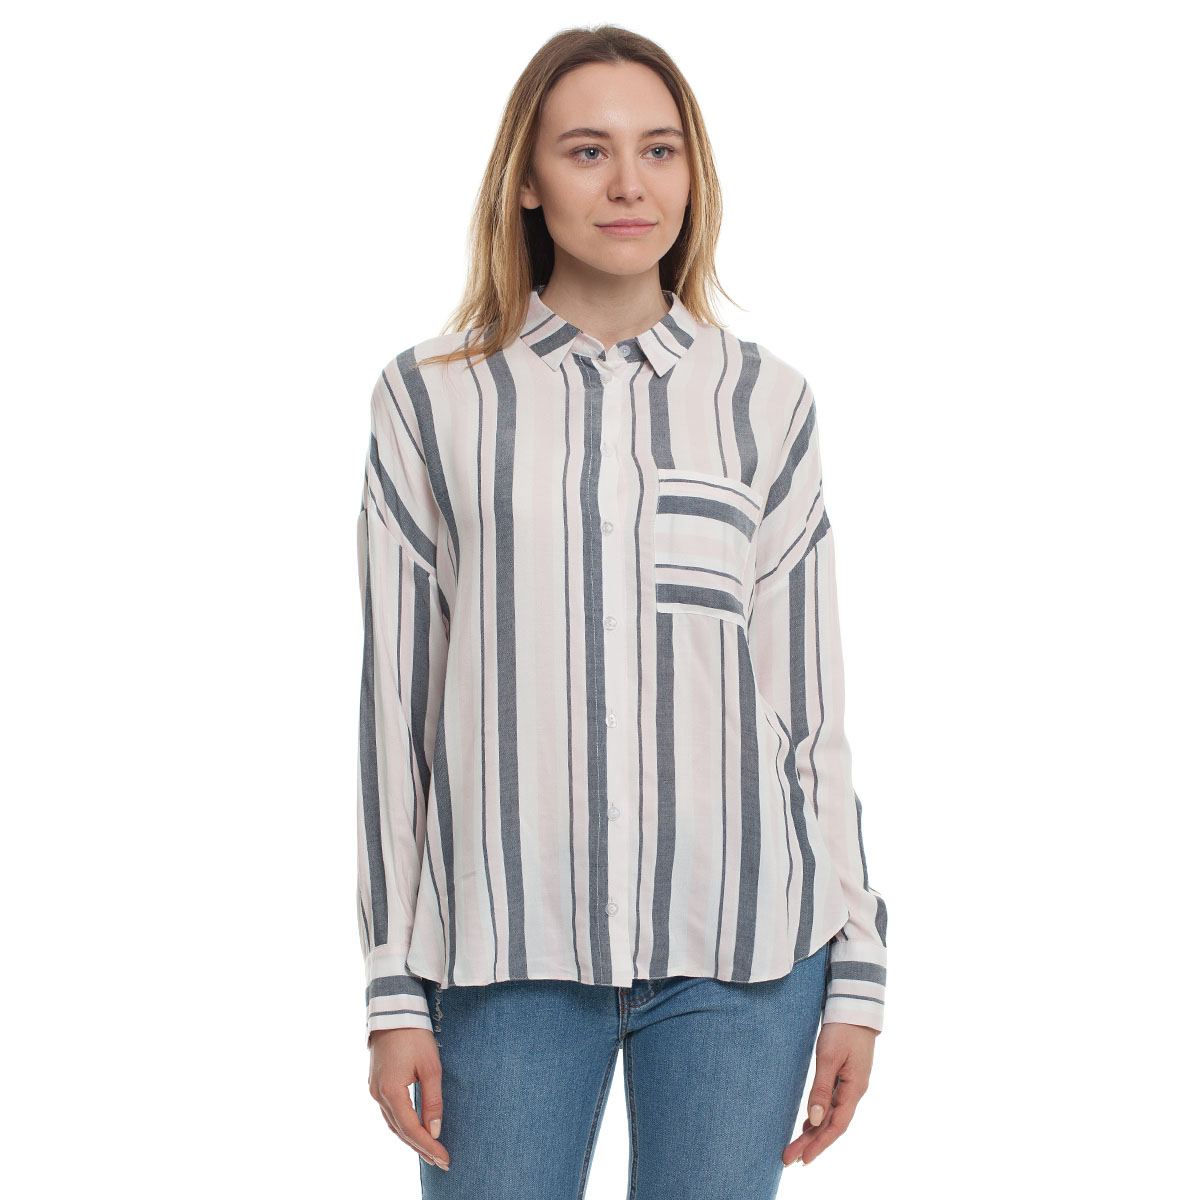 Рубашка Westelite, MD-403